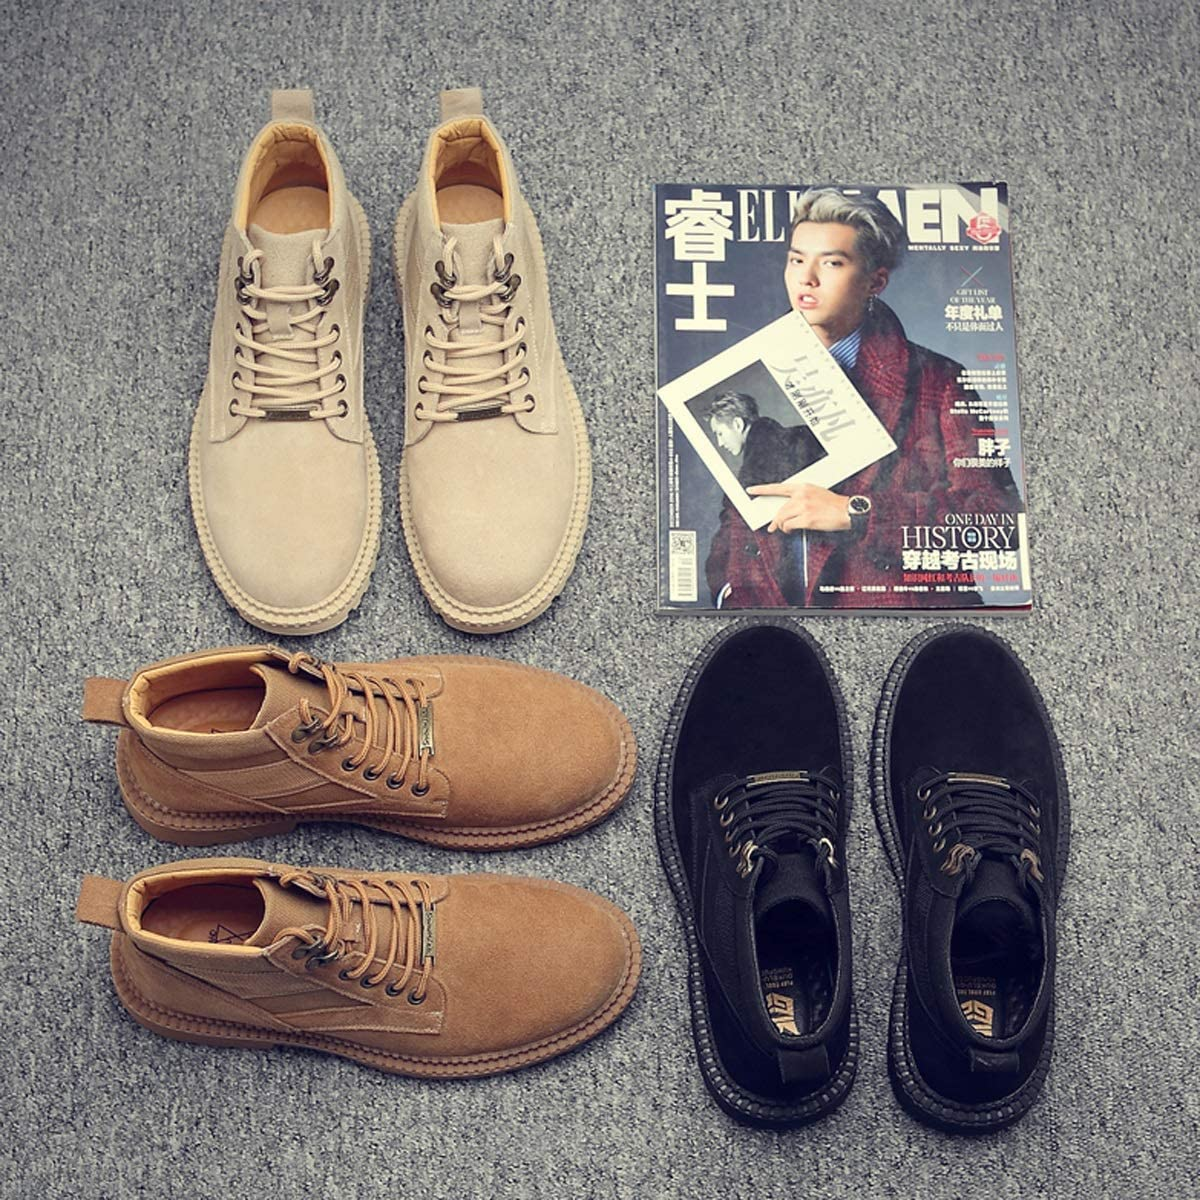 CHENTAOCS Martin Botas, Hombre Otoño Transpirable Inglaterra Zapatos Altos, Medio Hombres Botas, Botas de Cuero Nieve Hombre Zapatos Cómodos y Prácticos negro